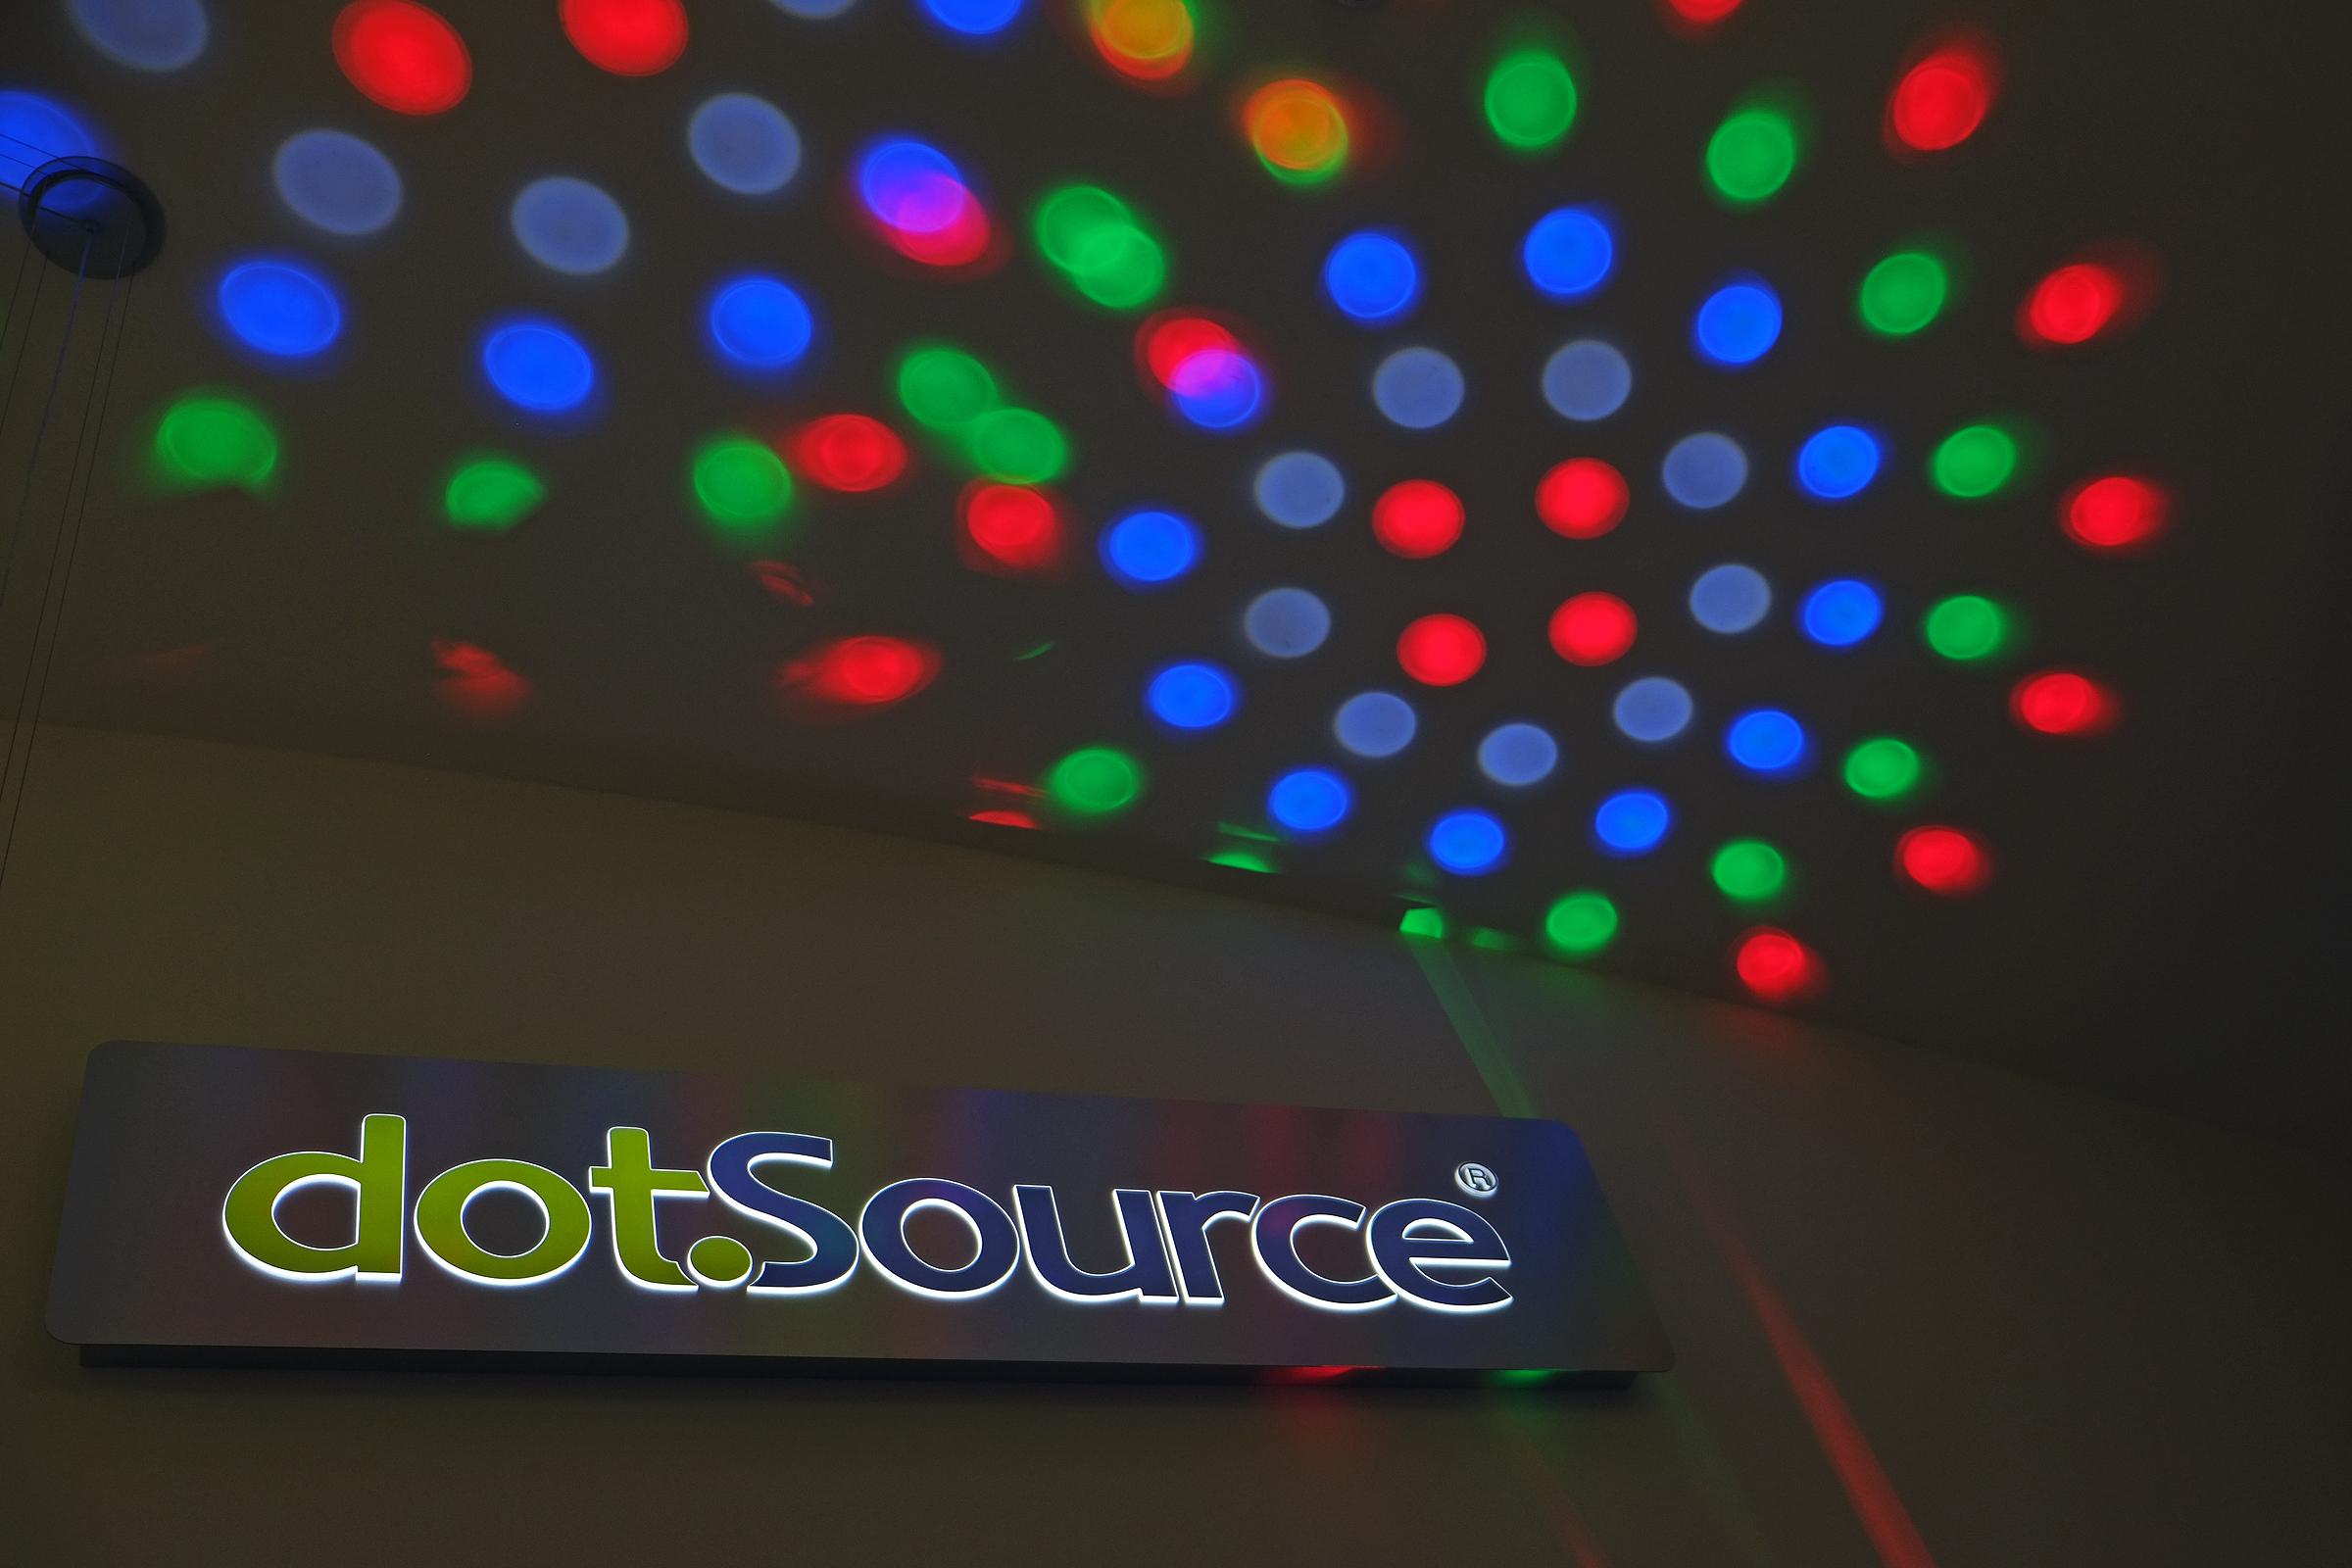 Wir feiern 9 Jahre dotSource! Unser Jahresrückblick